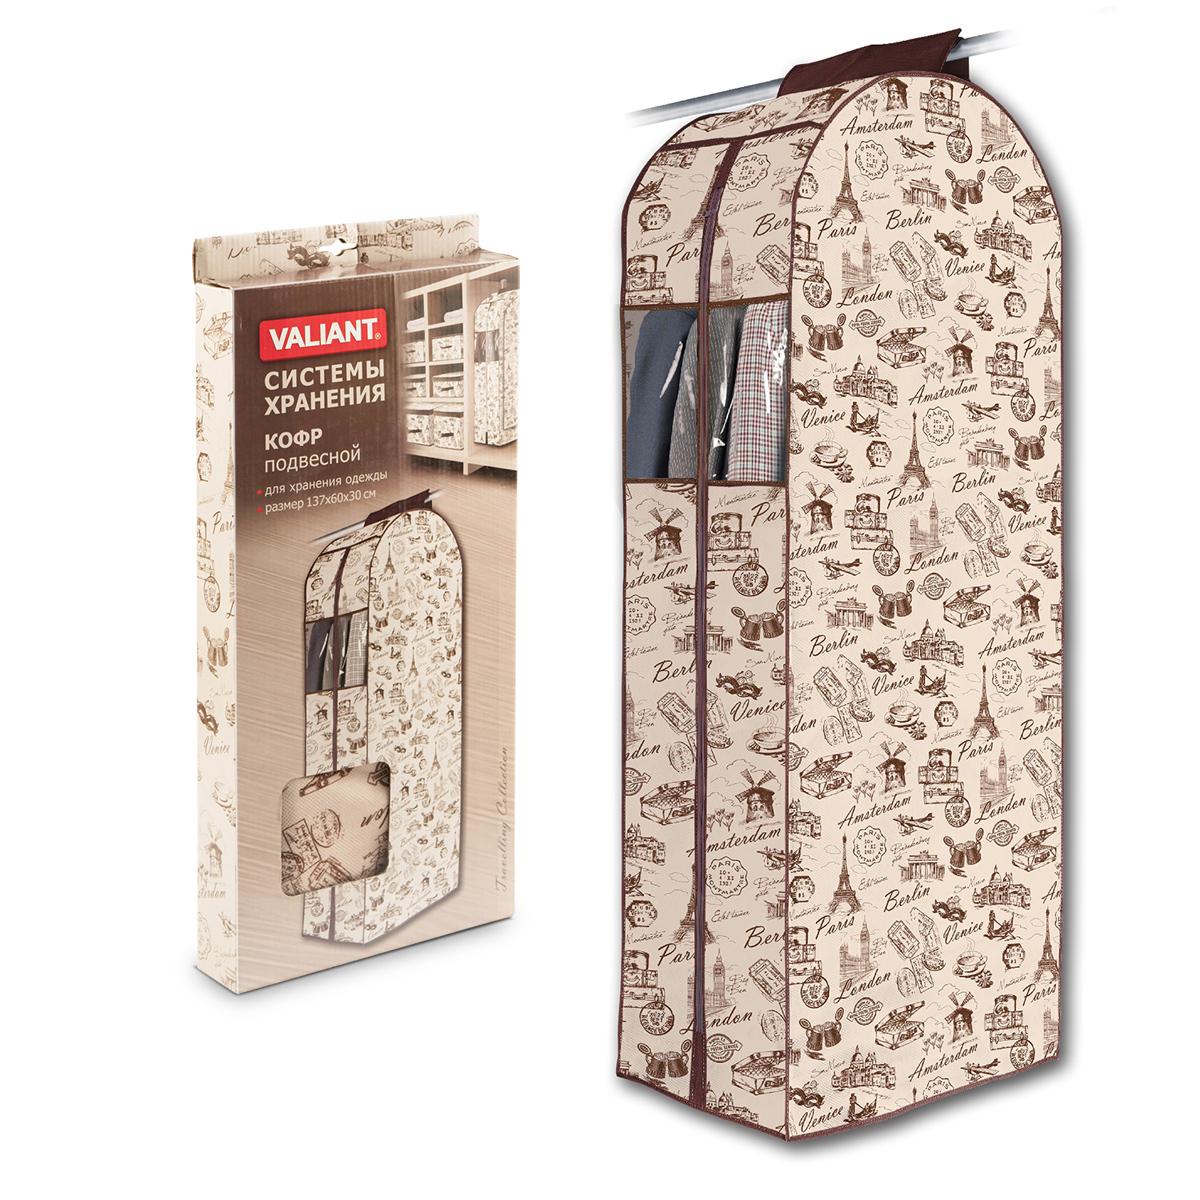 Кофр подвесной для одежды Valiant Travelling, 137 см х 60 см х 30 смTRC137Подвесной кофр для одежды Valiant Travelling изготовлен из высококачественного нетканого материала (спанбонда), который обеспечивает естественную вентиляцию, позволяя воздуху проникать внутрь, но не пропускает пыль. Кофр очень удобен в использовании. Благодаря размерам и форме отлично подходит для транспортировки и долговременного хранения одежды (летом - теплых курток и пальто, зимой - летнего гардероба). Легко открывается и закрывается с помощью застежки-молнии. Кофр снабжен прозрачным окошком из ПВХ, что позволяет легко просматривать содержимое. Изделие снабжено широкой петлей на липучках, с помощью которой крепится к перекладине в гардеробе. Оригинальный дизайн погружает в атмосферу путешествий по разным городам и странам. Системы хранения в едином дизайне сделают вашу гардеробную красивой и невероятно стильной.